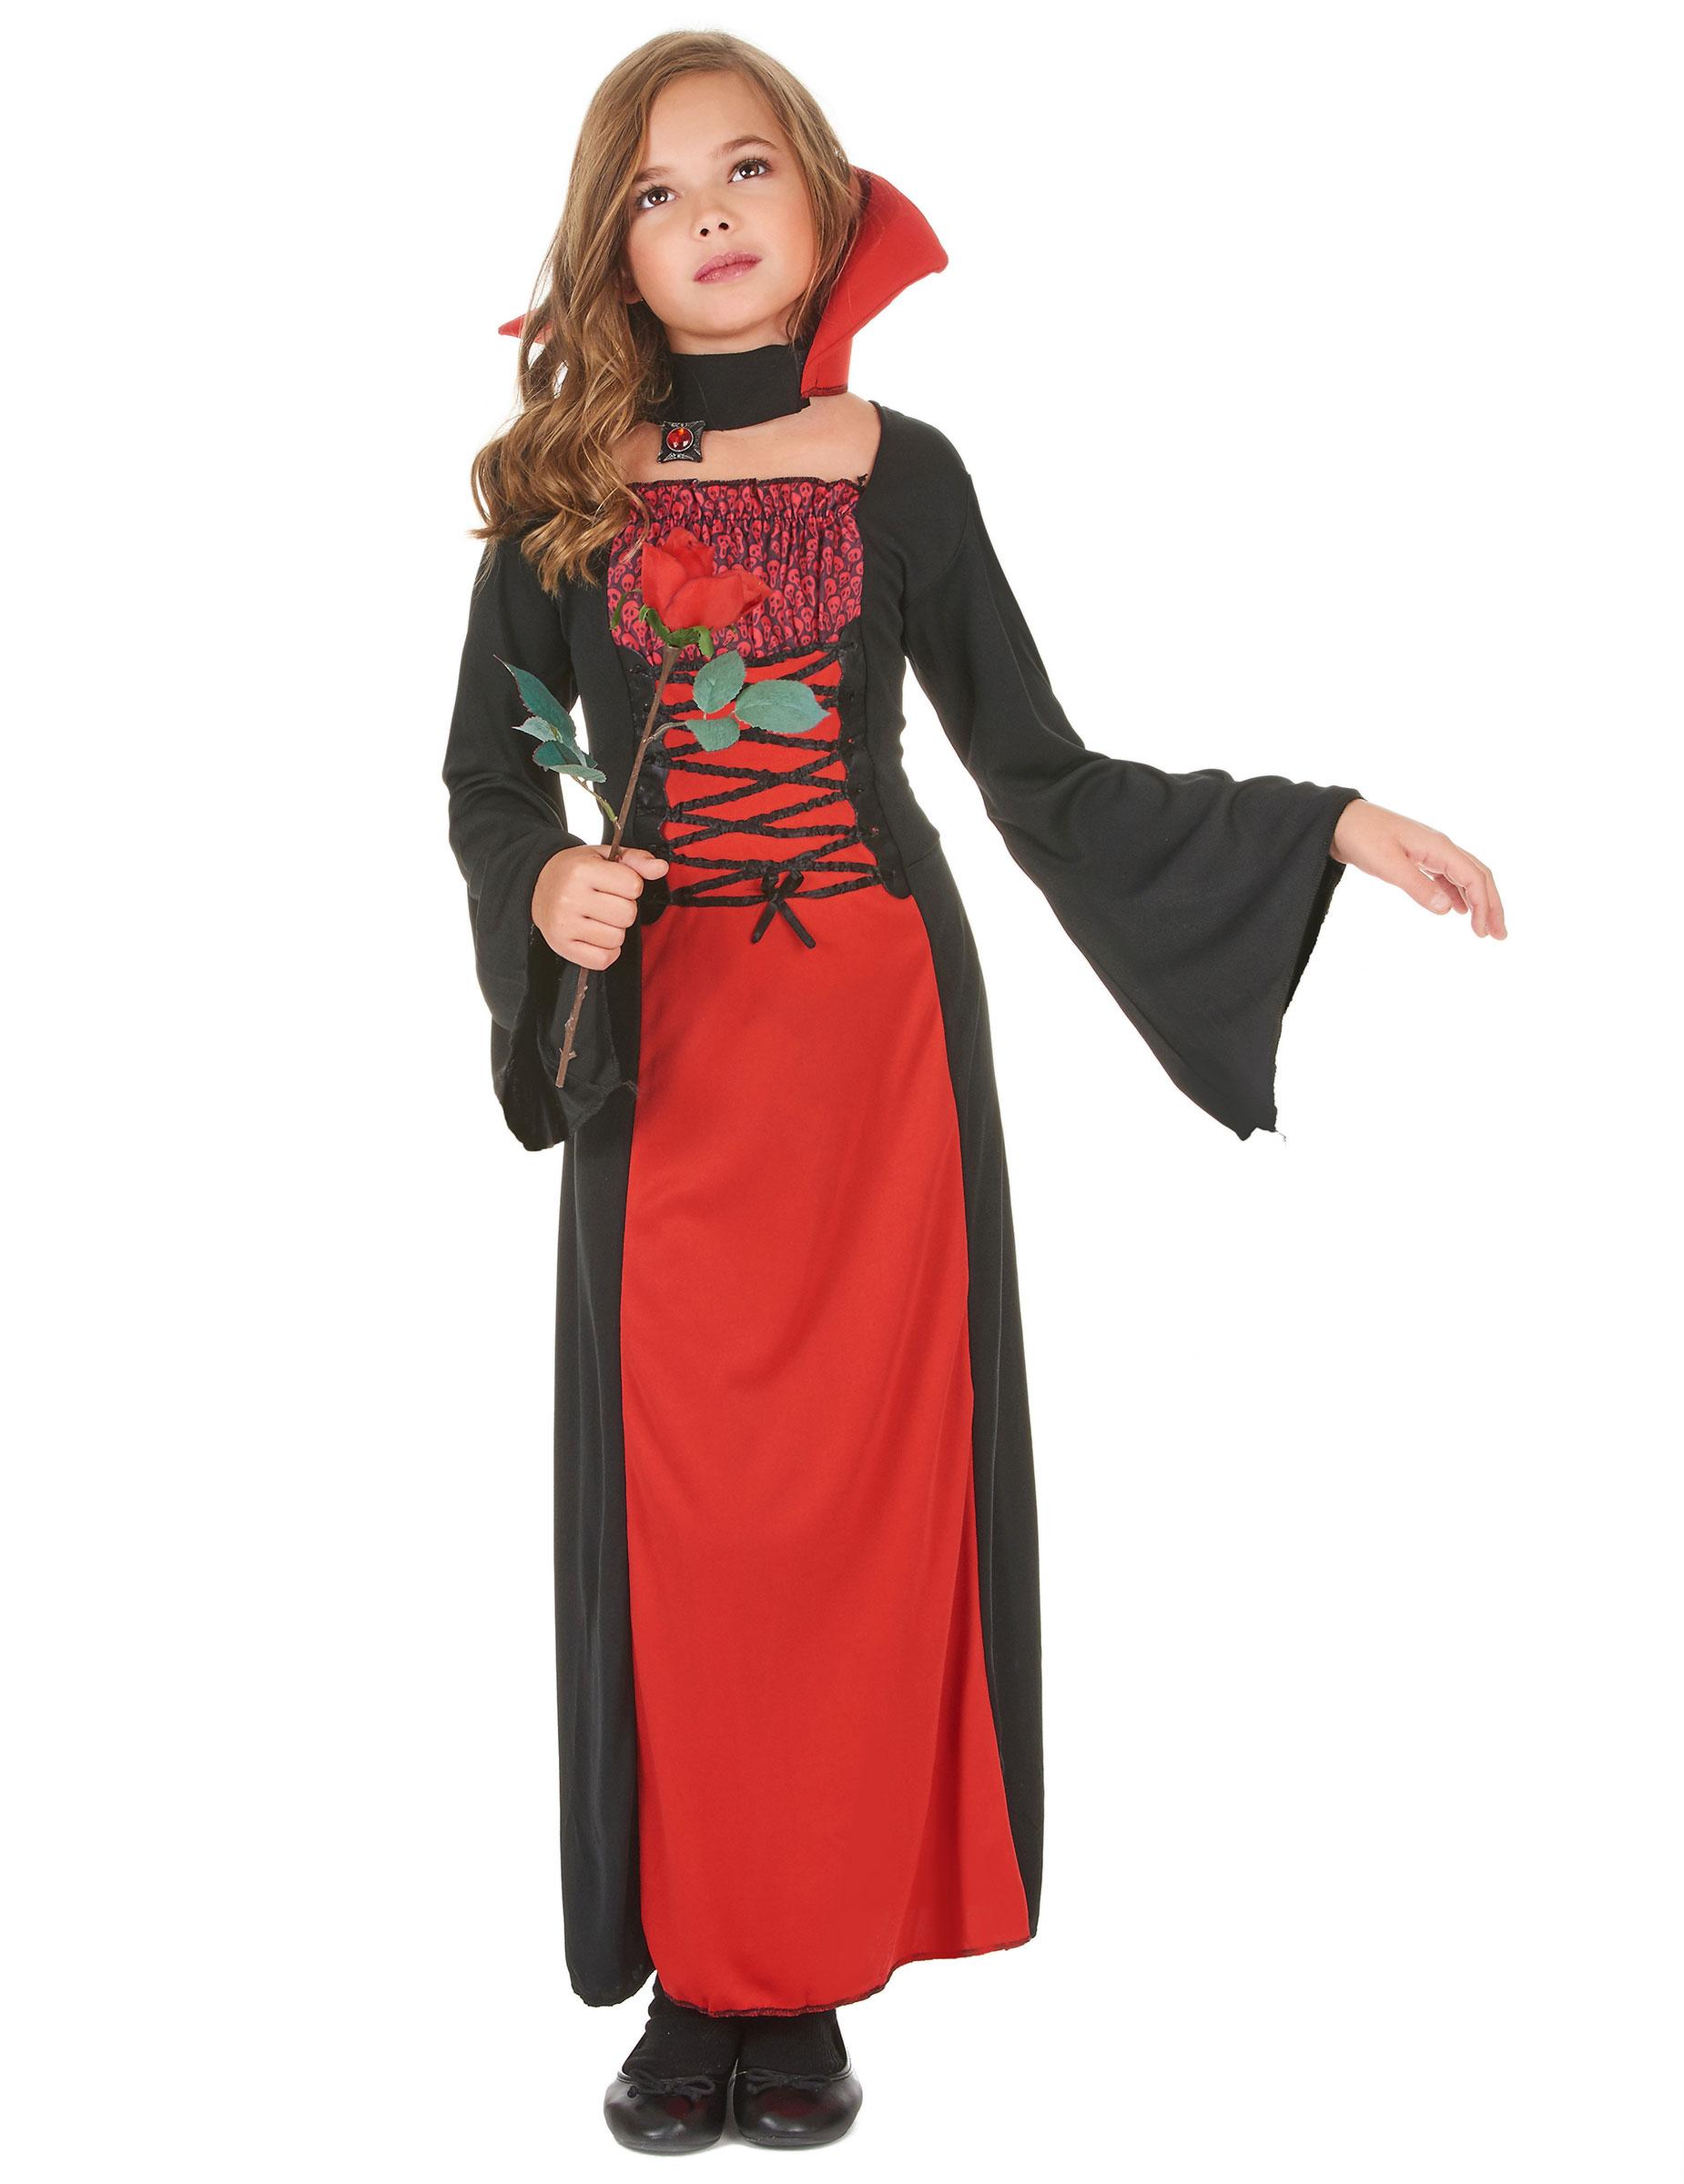 Blodröda vampyren - Halloweendräkt för barn c1572cd8129e4